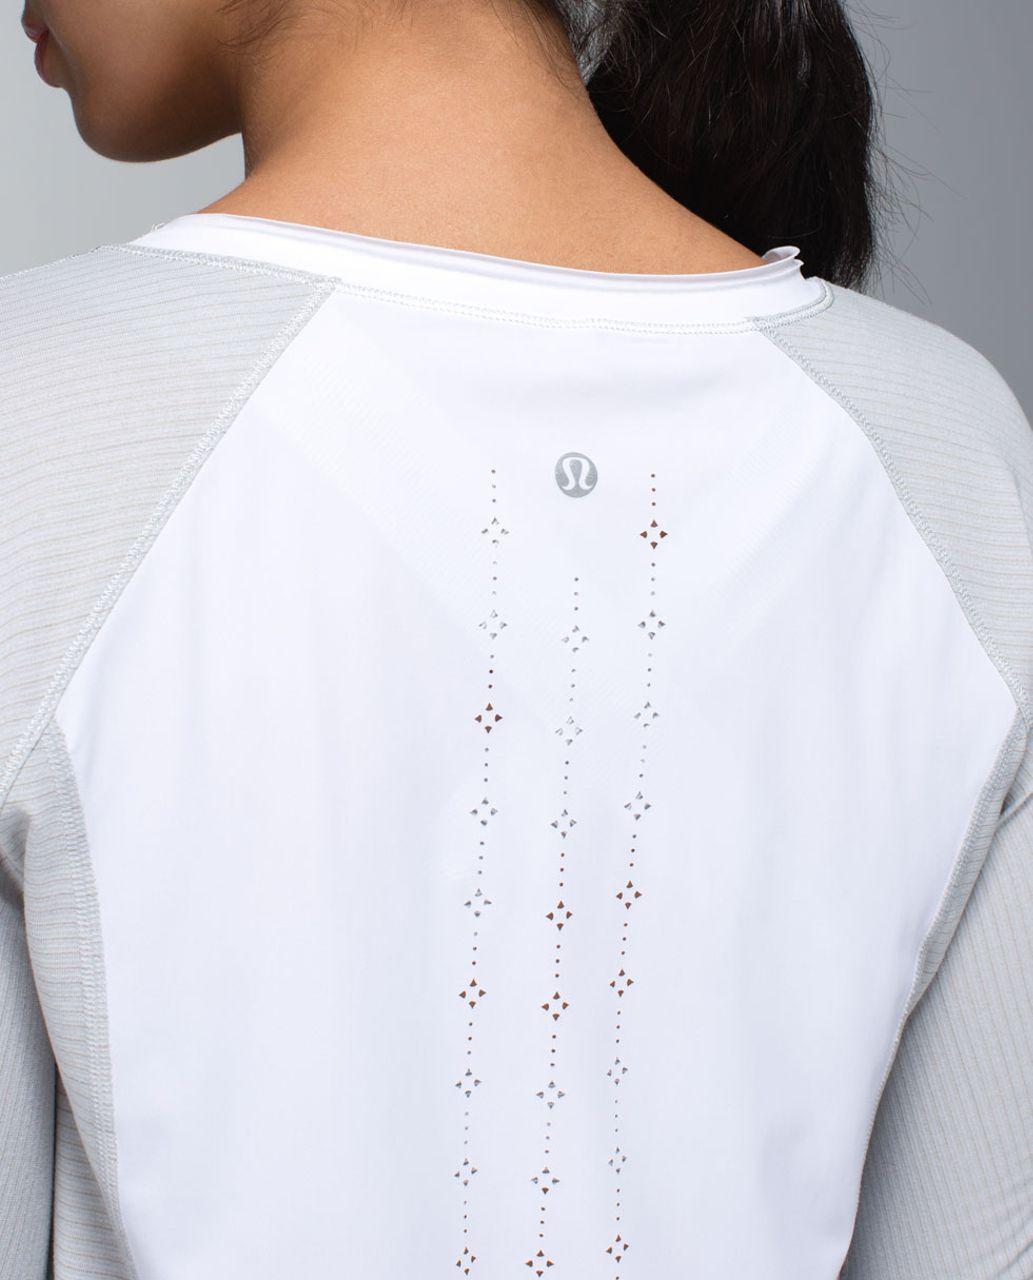 Lululemon Lightened Up Long Sleeve - Heathered Light Grey / White